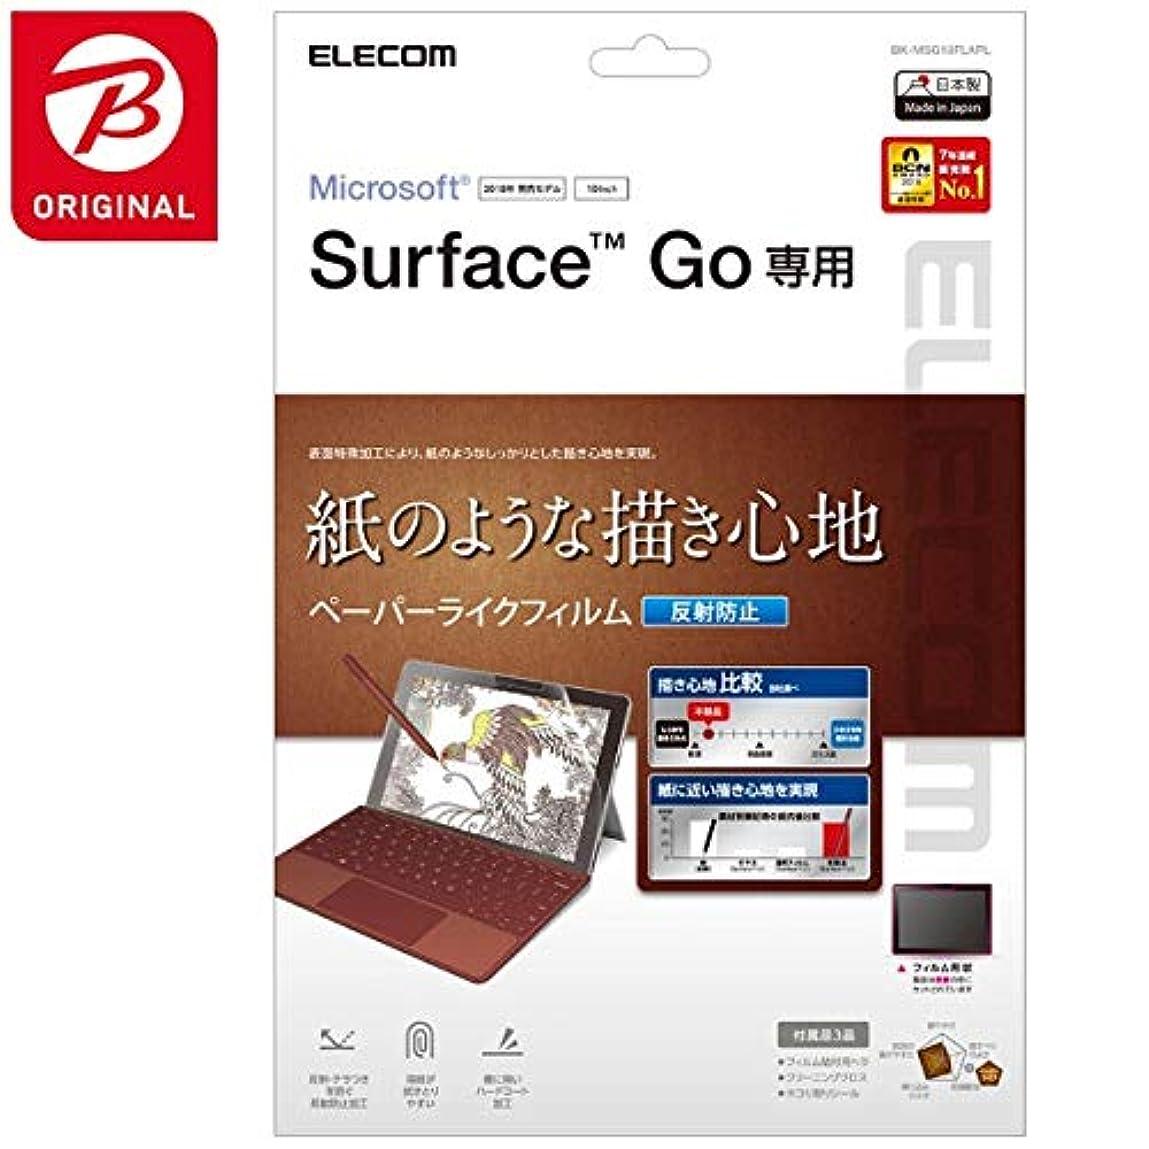 タオル自信がある複雑でないエレコム 保護フィルム Surface Go 紙のような書き心地 ペーパーライク 気泡が目立たなくなるエアーレス加工 反射防止 【日本製】 BK-MSG18FLAPL